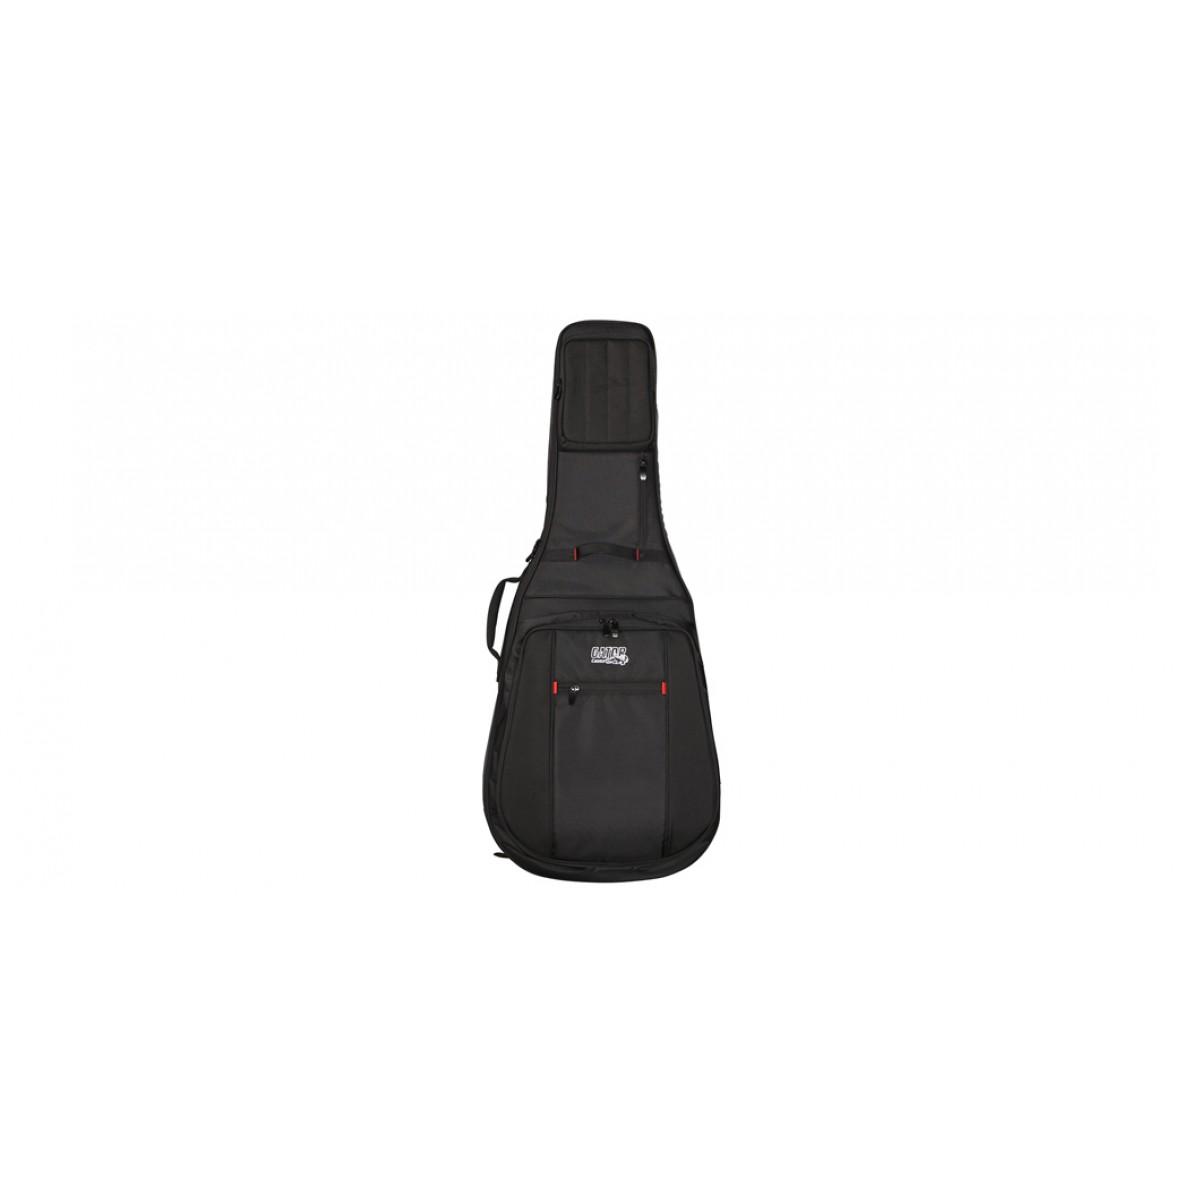 gator g pg acoustic progo acoustic guitar bag. Black Bedroom Furniture Sets. Home Design Ideas